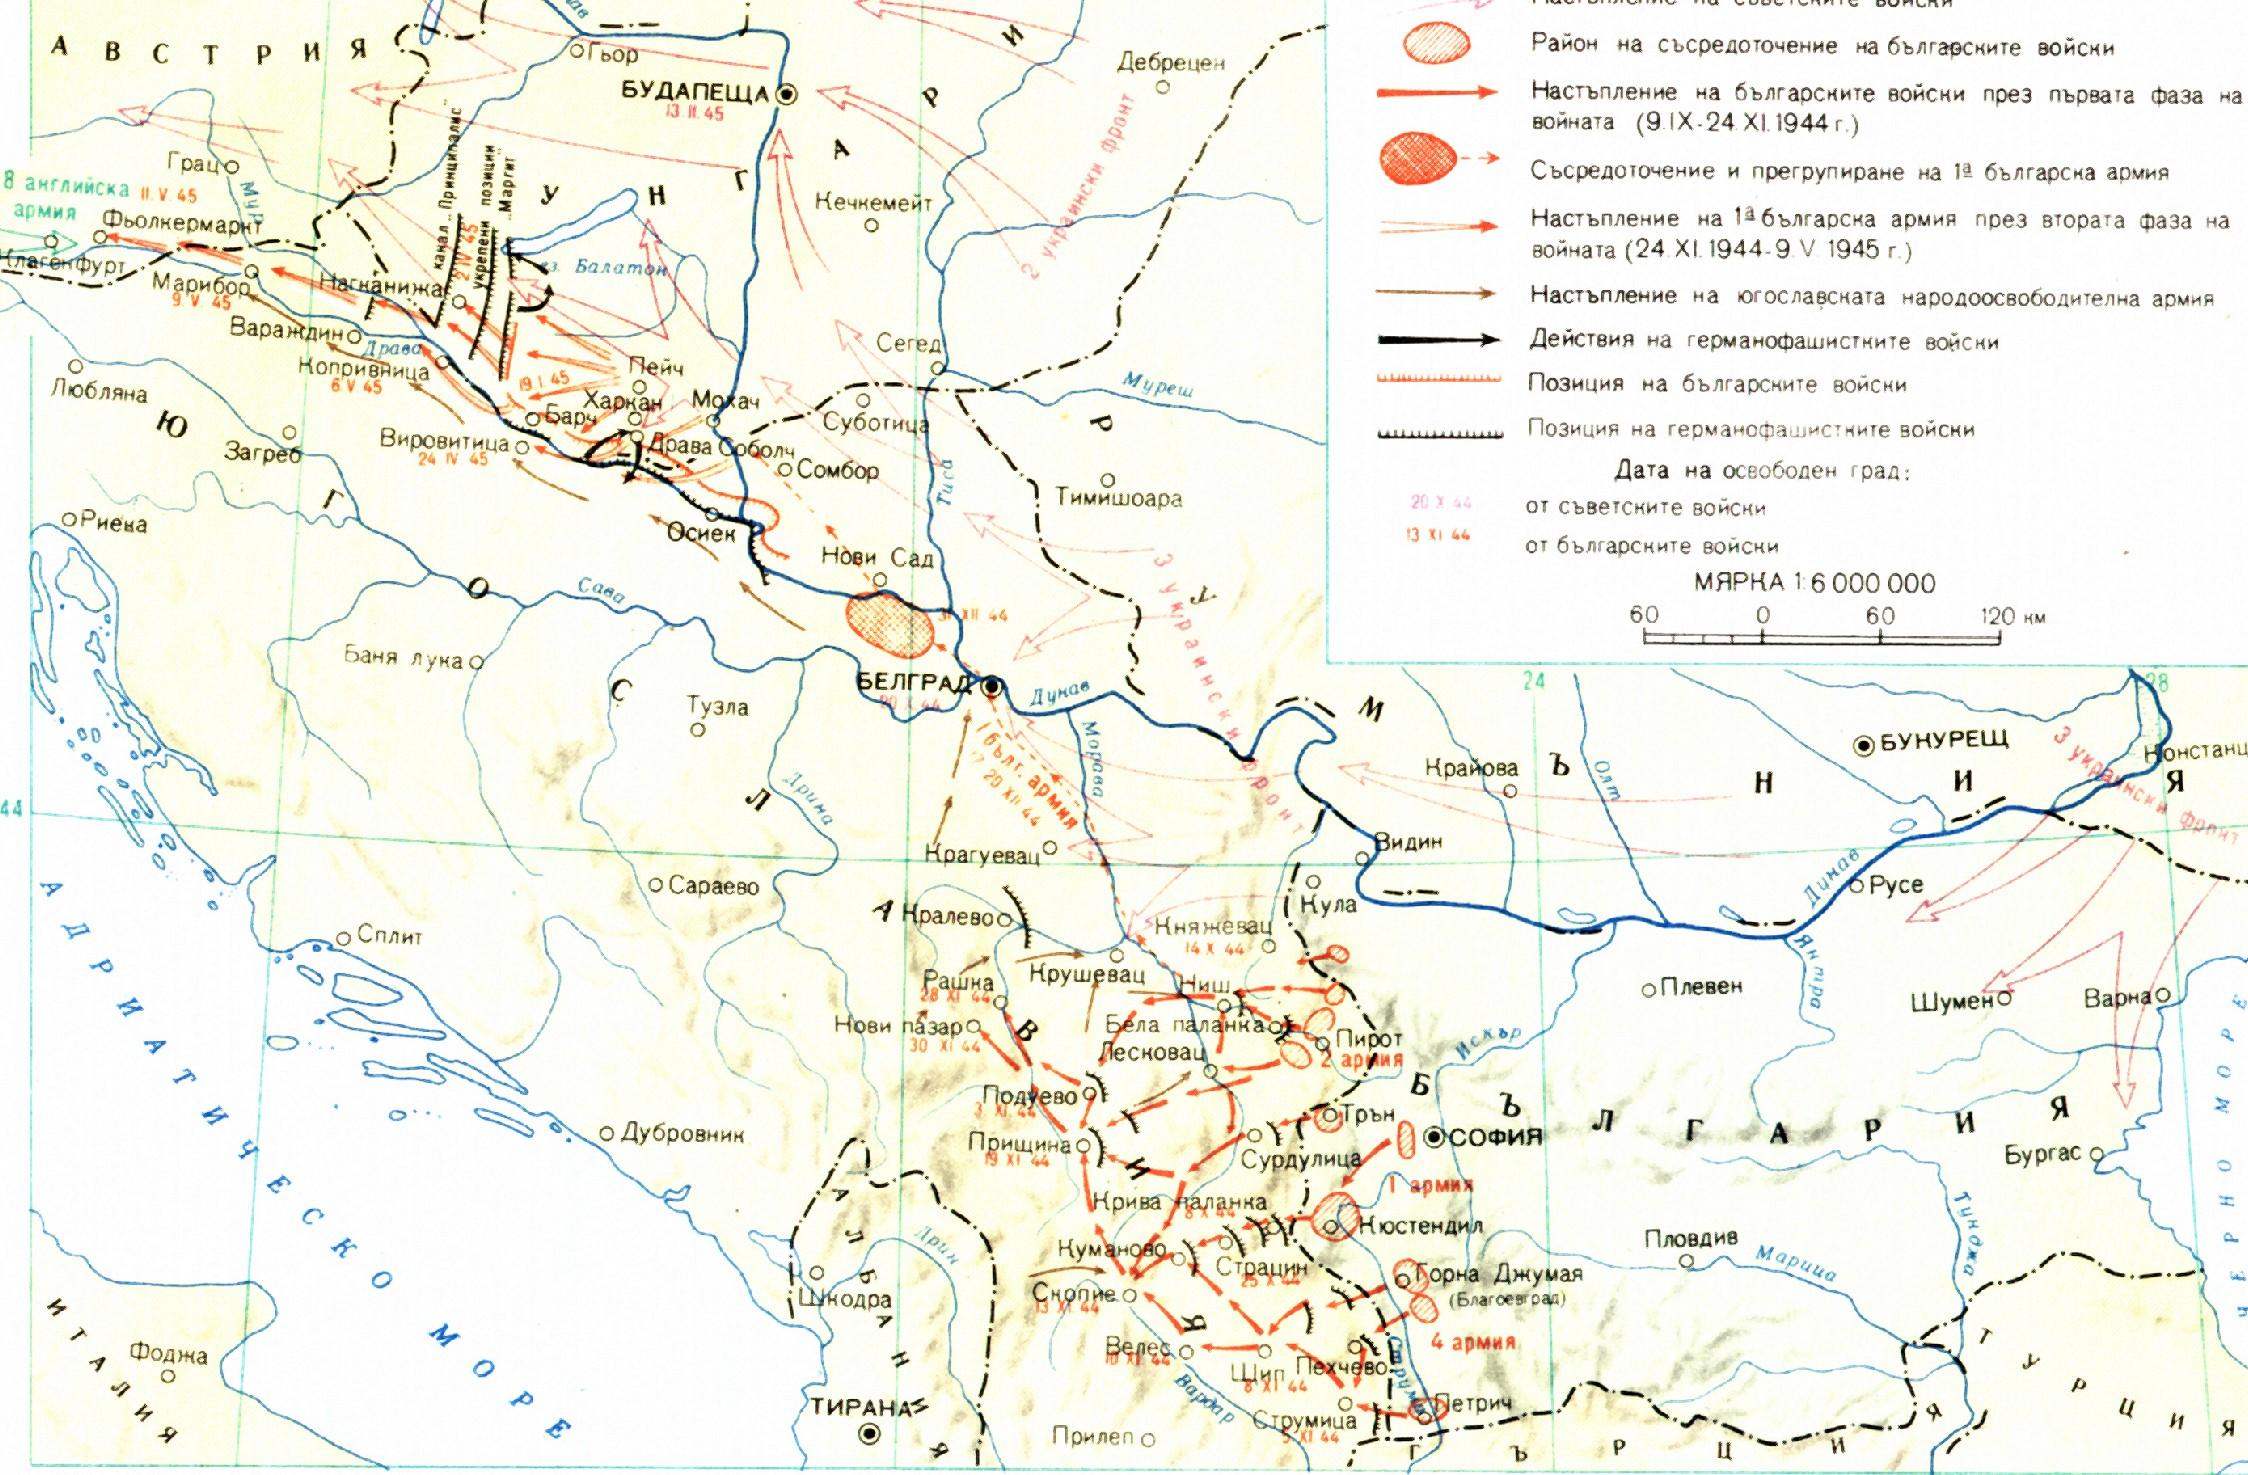 Uchastieto Na Blgariya Vv Vtorata Svetovna Vojna Poredniyat